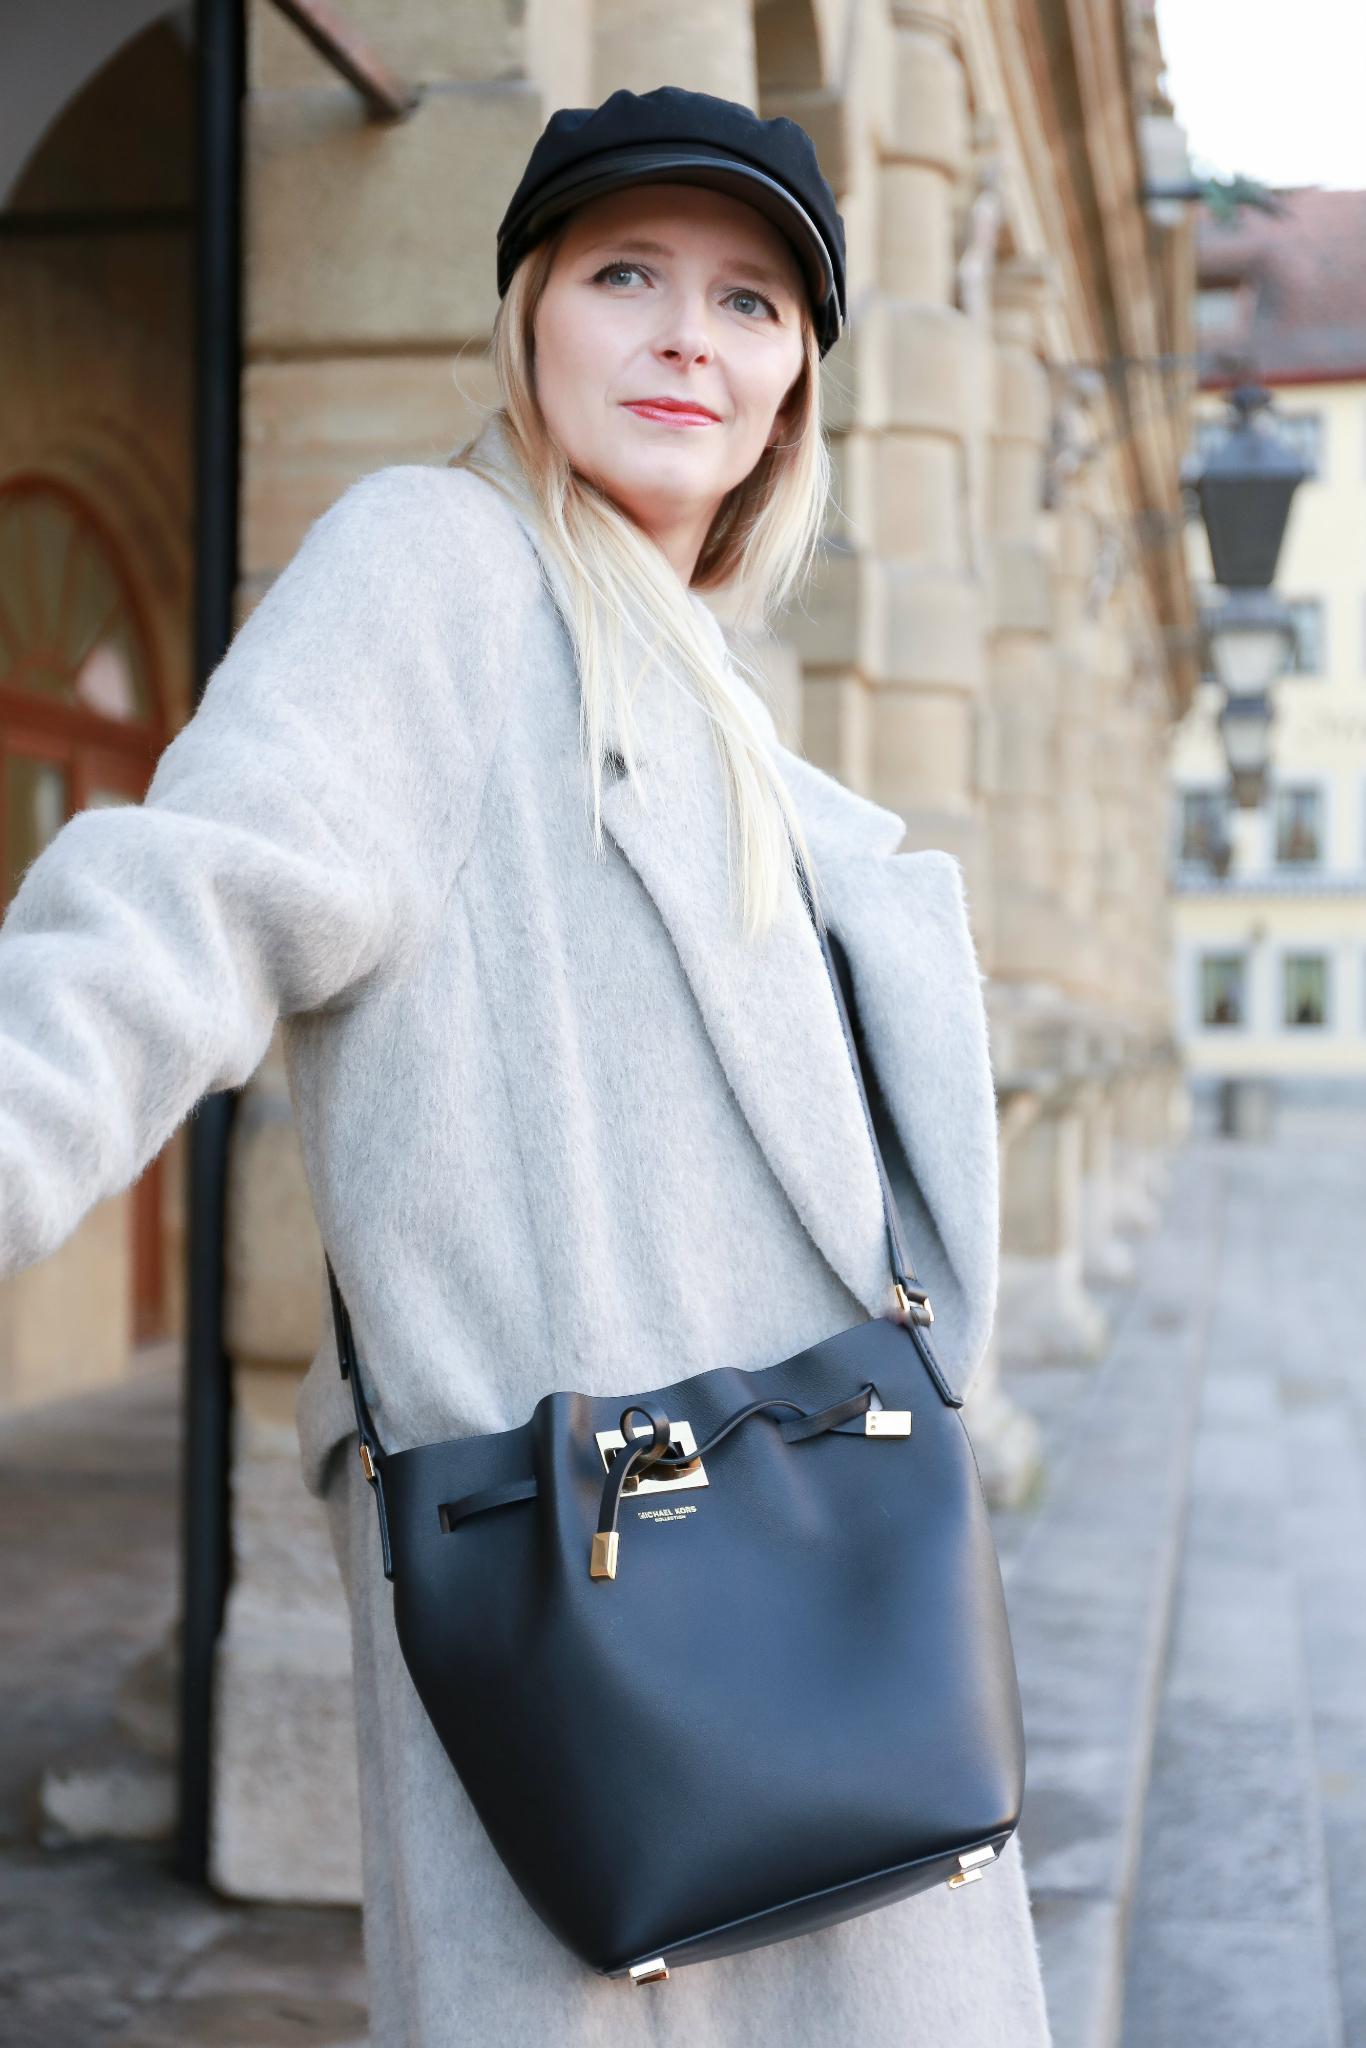 Fashion_Outfit_Michael_Kors_Bucket_Bag-10